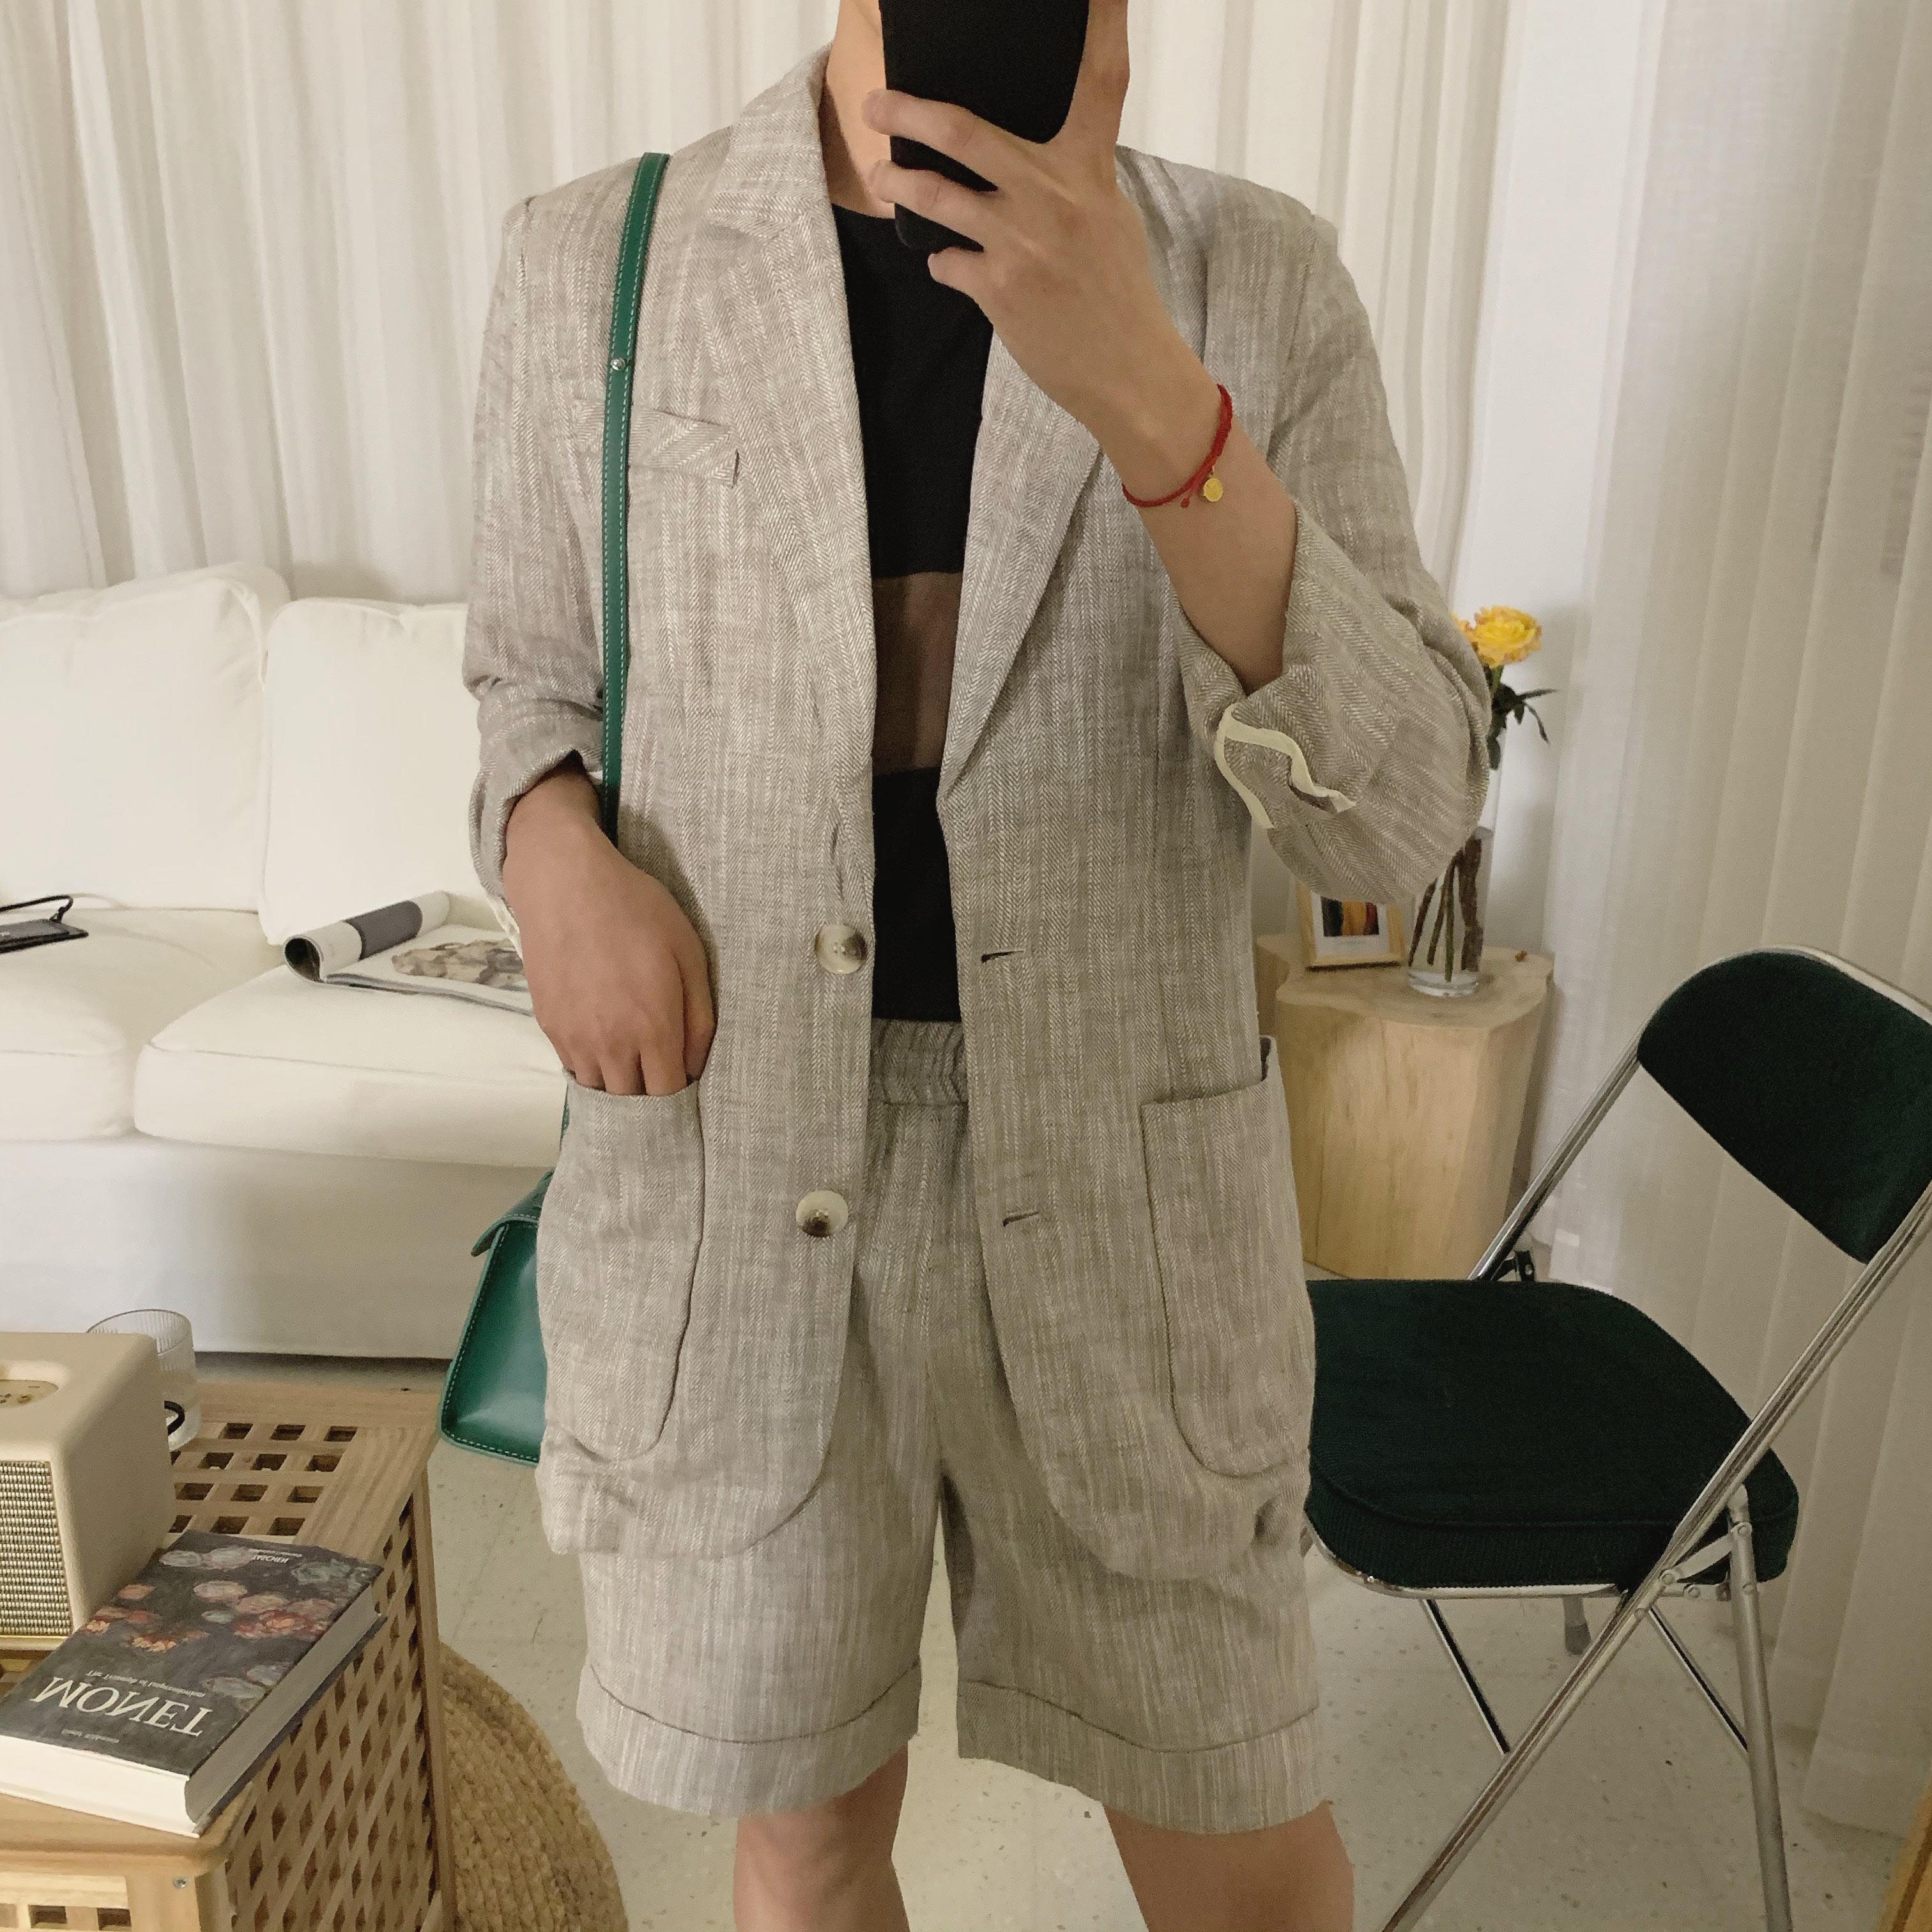 阿茶与阿古人字纹西装男套装春夏高级感休闲男士西服短裤套装